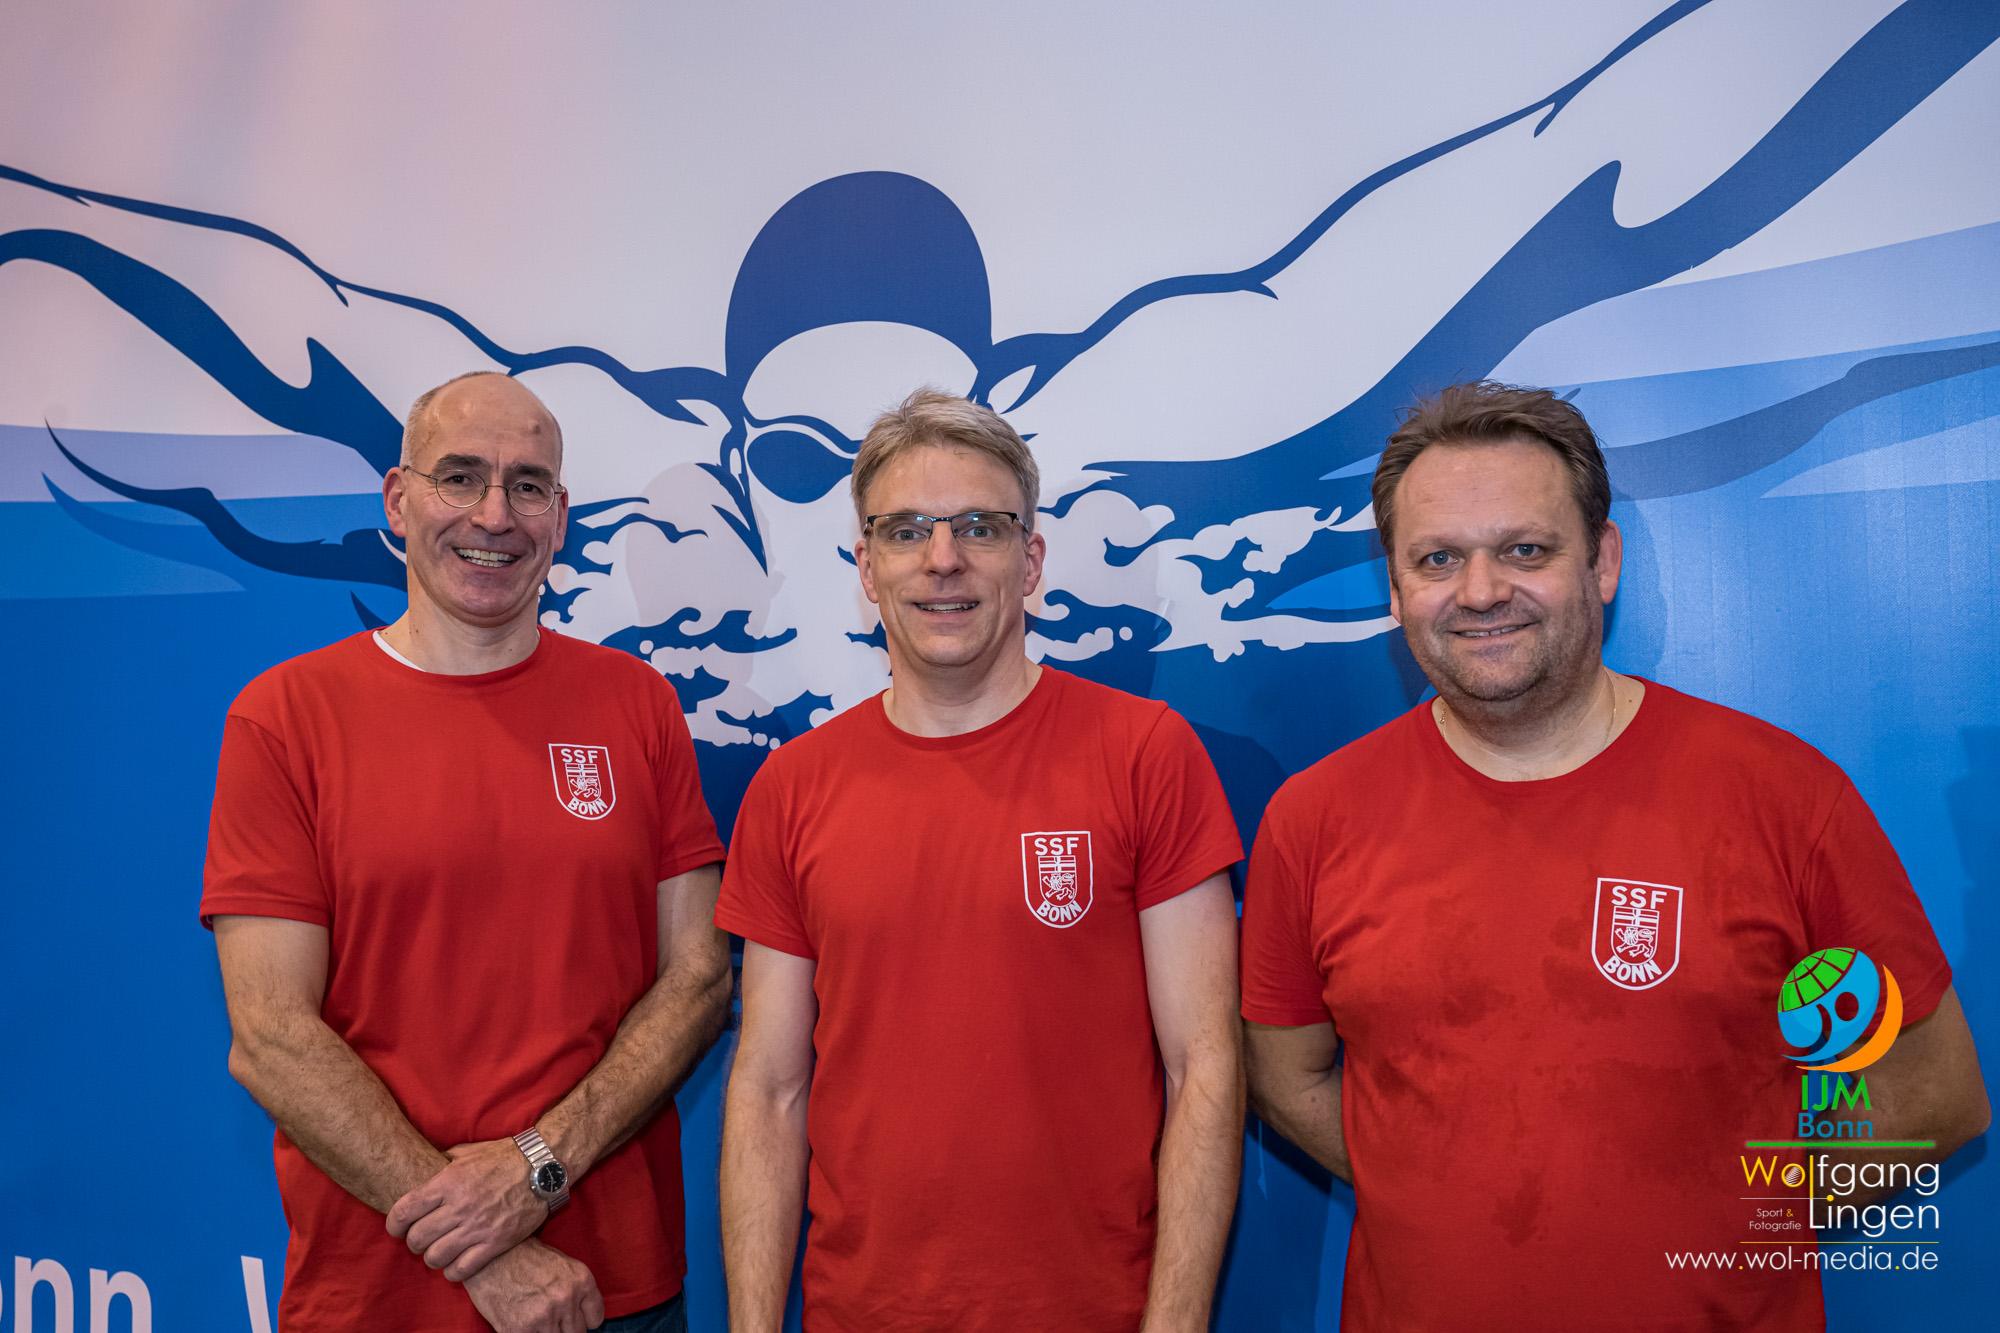 Georg Walmbach (Abteilungsleiter Schwimmen SSF), Martin Schulze (CEO BusinessCode) und Jürgen Schnürle (Stellvertretender Abteilungsleiter und Fachwart für Nachwuchsarbeit)